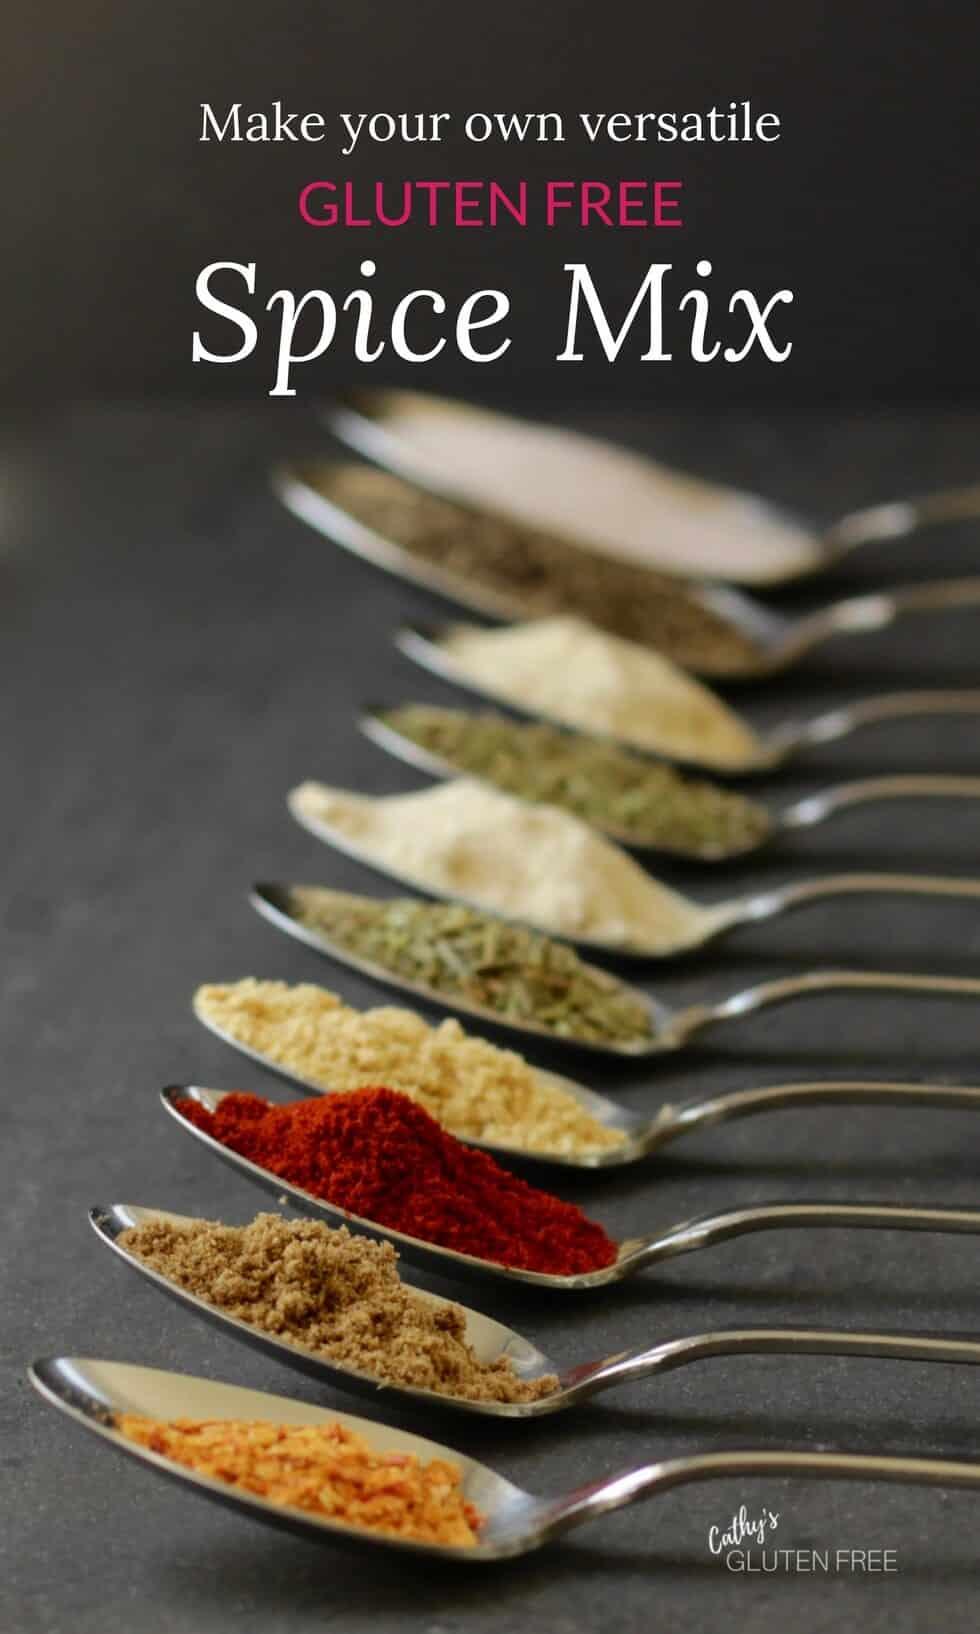 Gluten Free Spice Mix